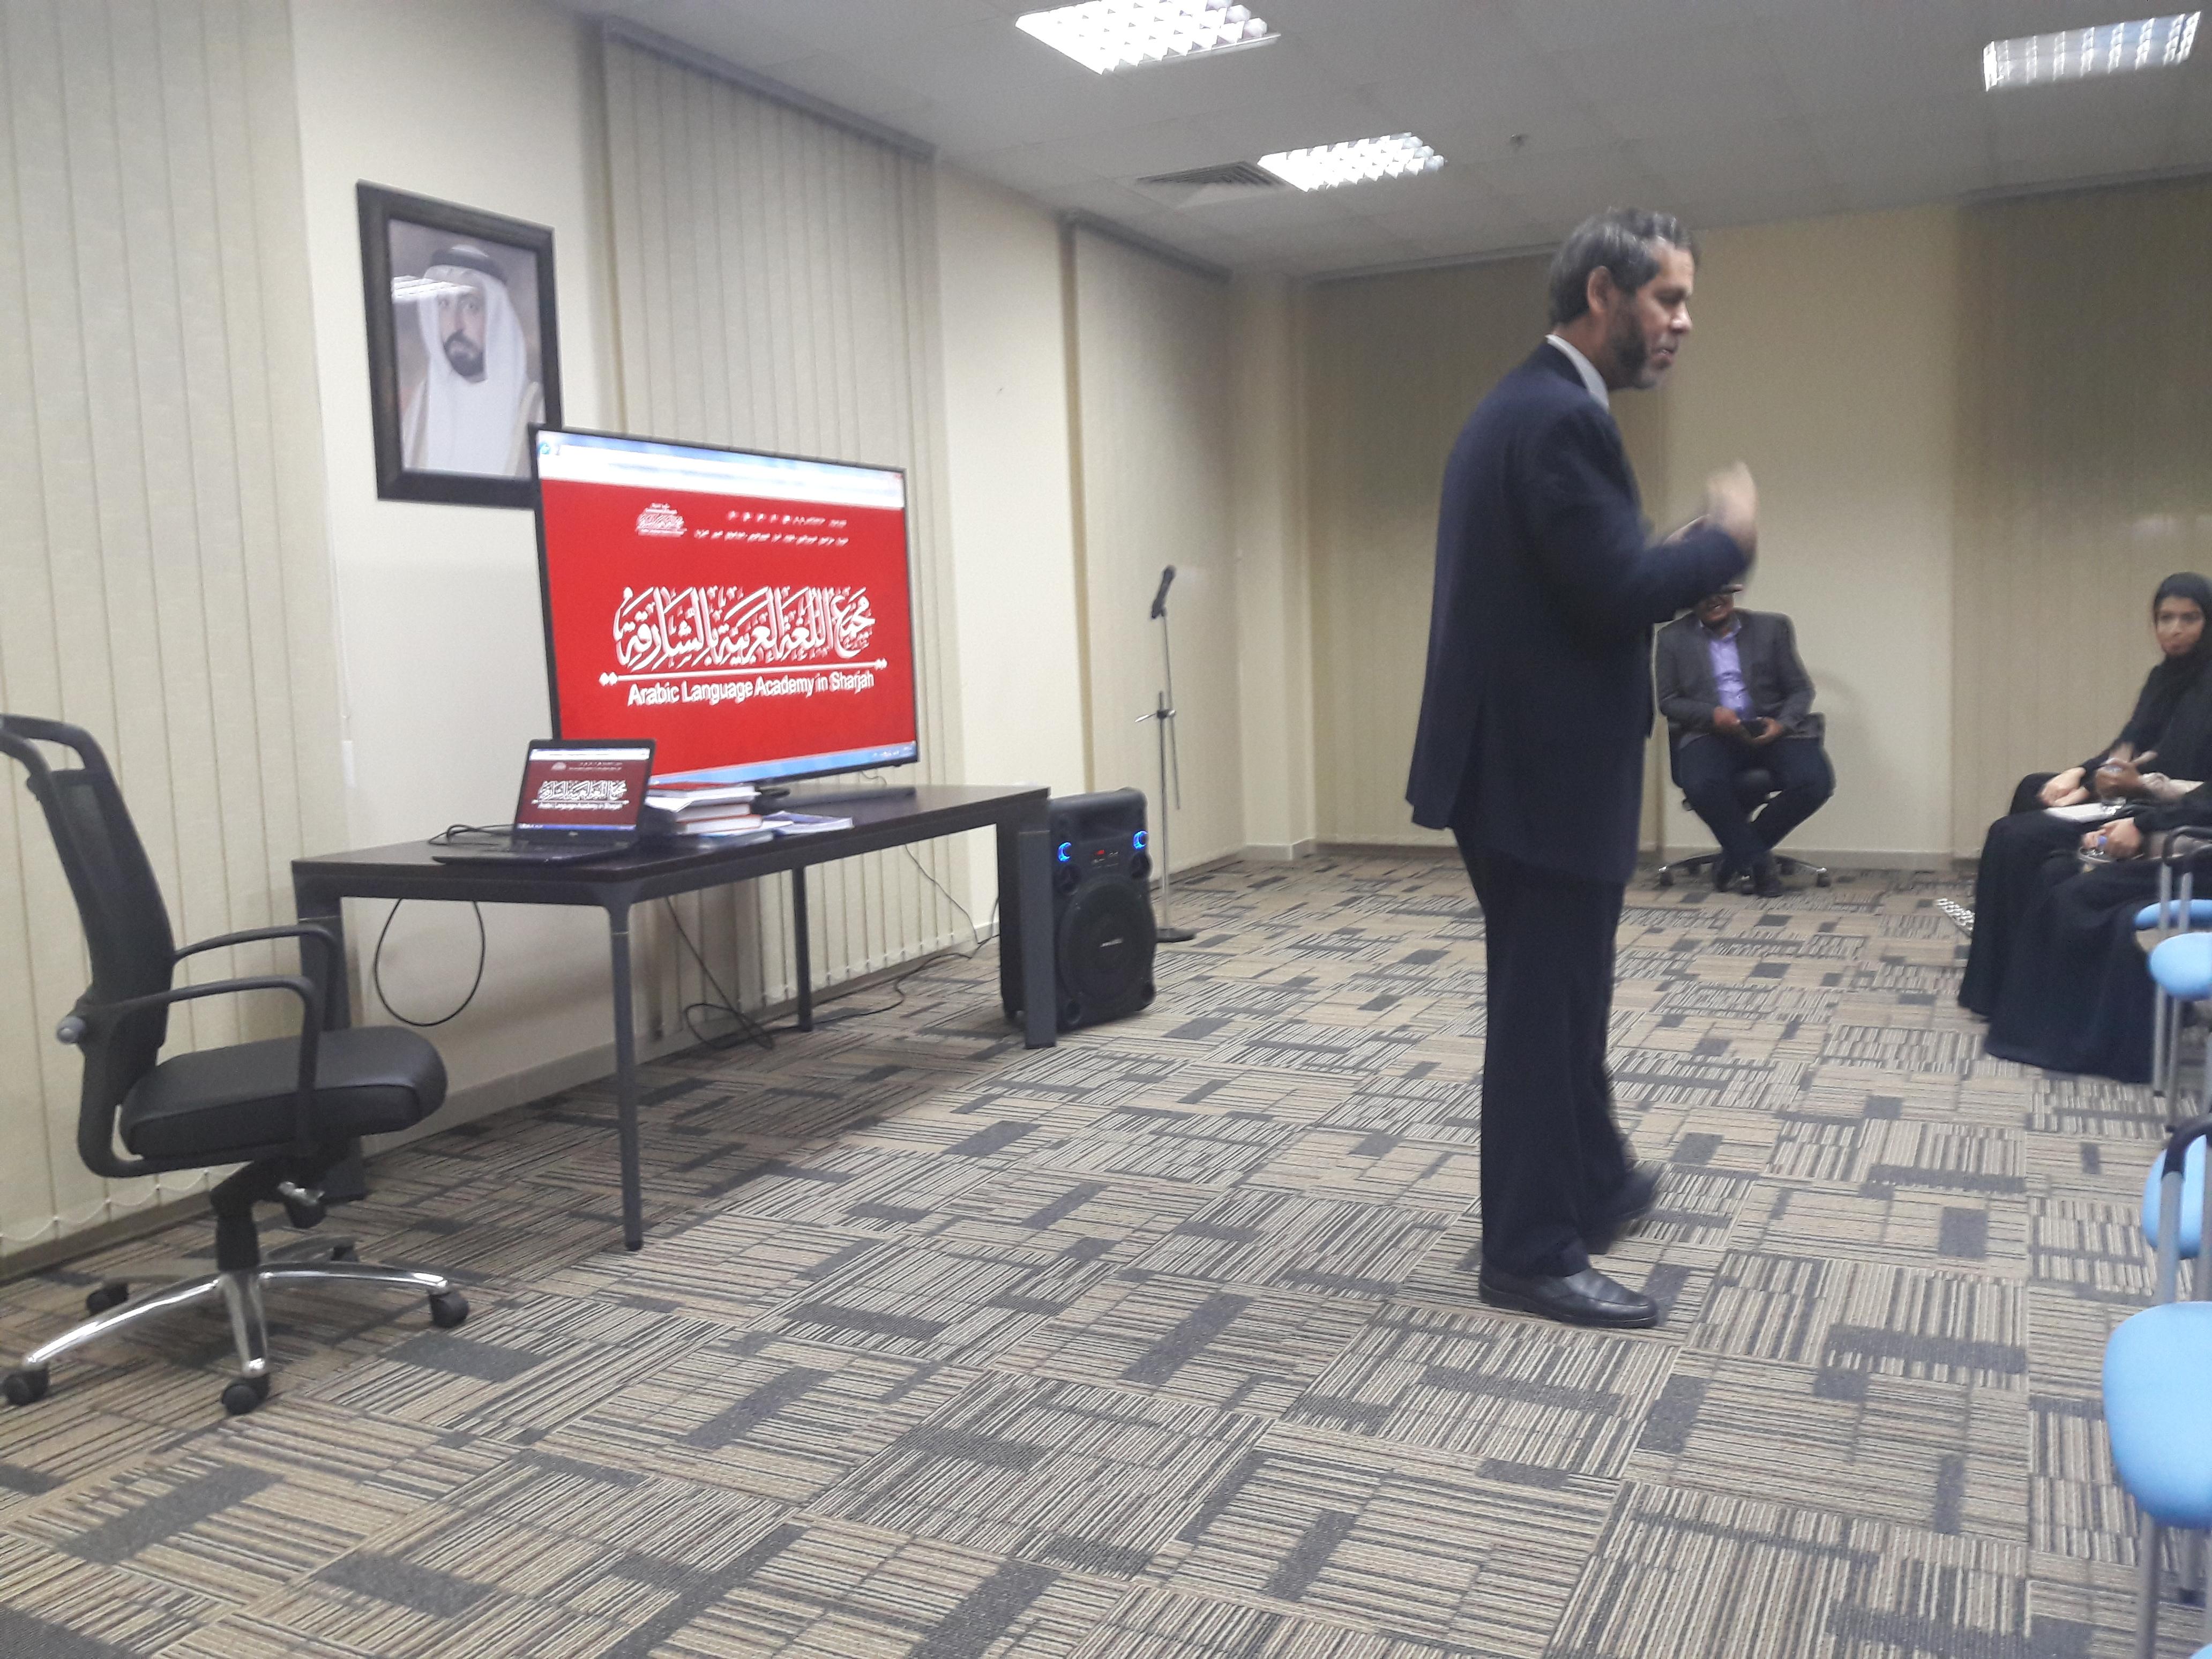 الأمين العام يشرح آليات عمل المعجم التاريخي للغة العربية لطالبات الجامعة القاسمية